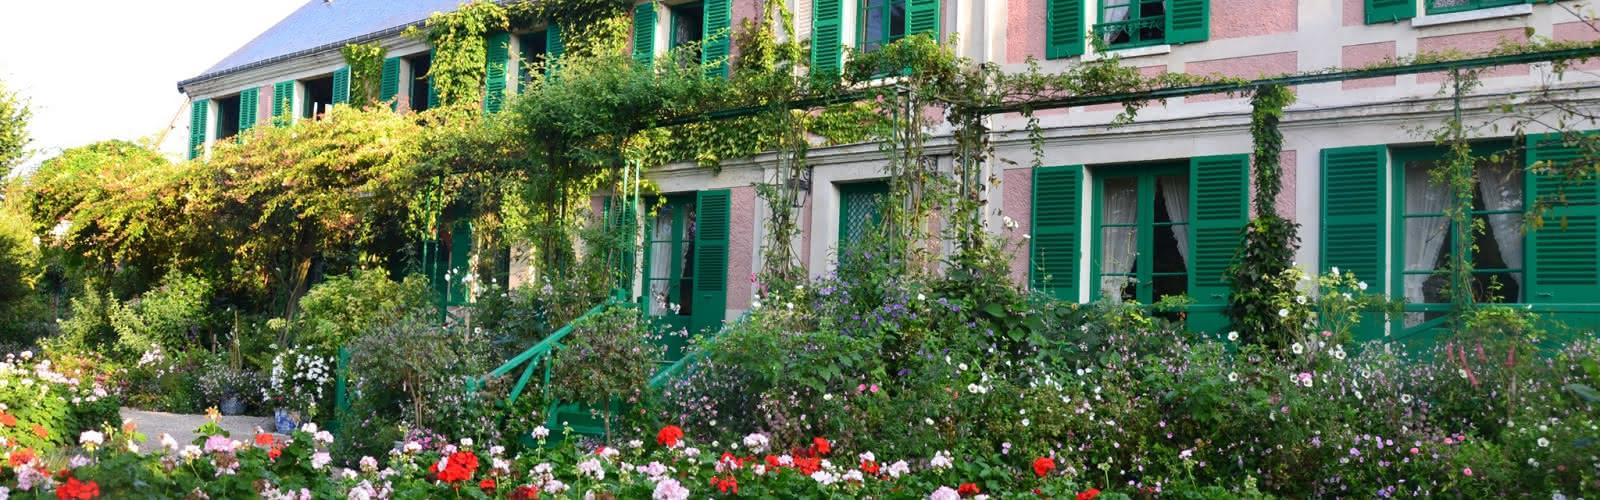 Fondation Claude Monet à Giverny